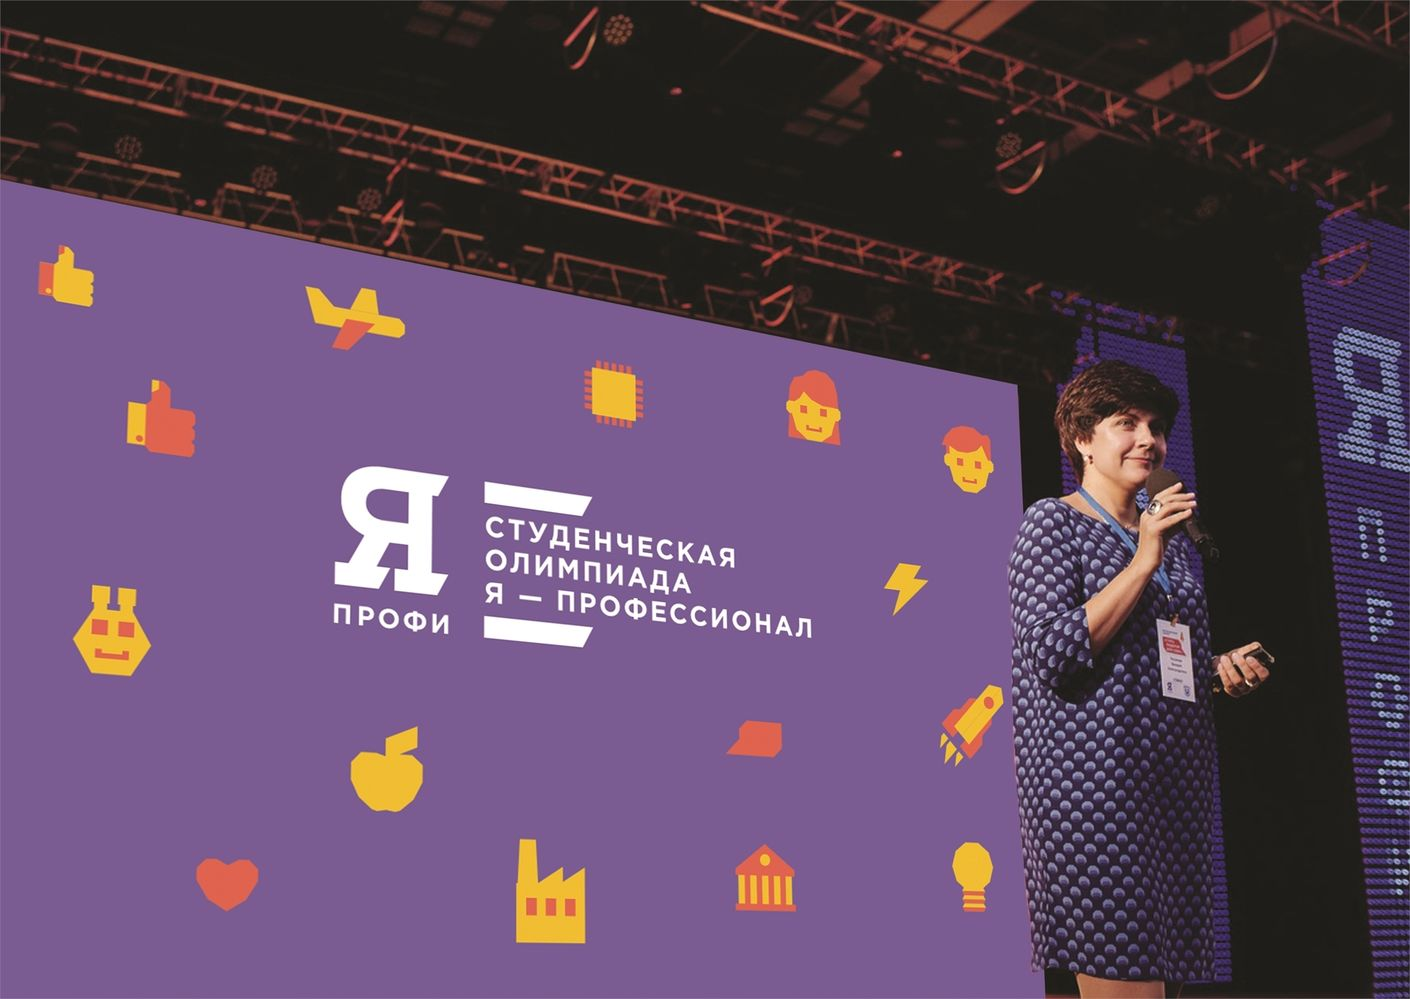 Фирменный стиль для олимпиады «Я — профи!». Вариант такого стиля был предложен Лабораторией дизайна - hsedesignlab.ru